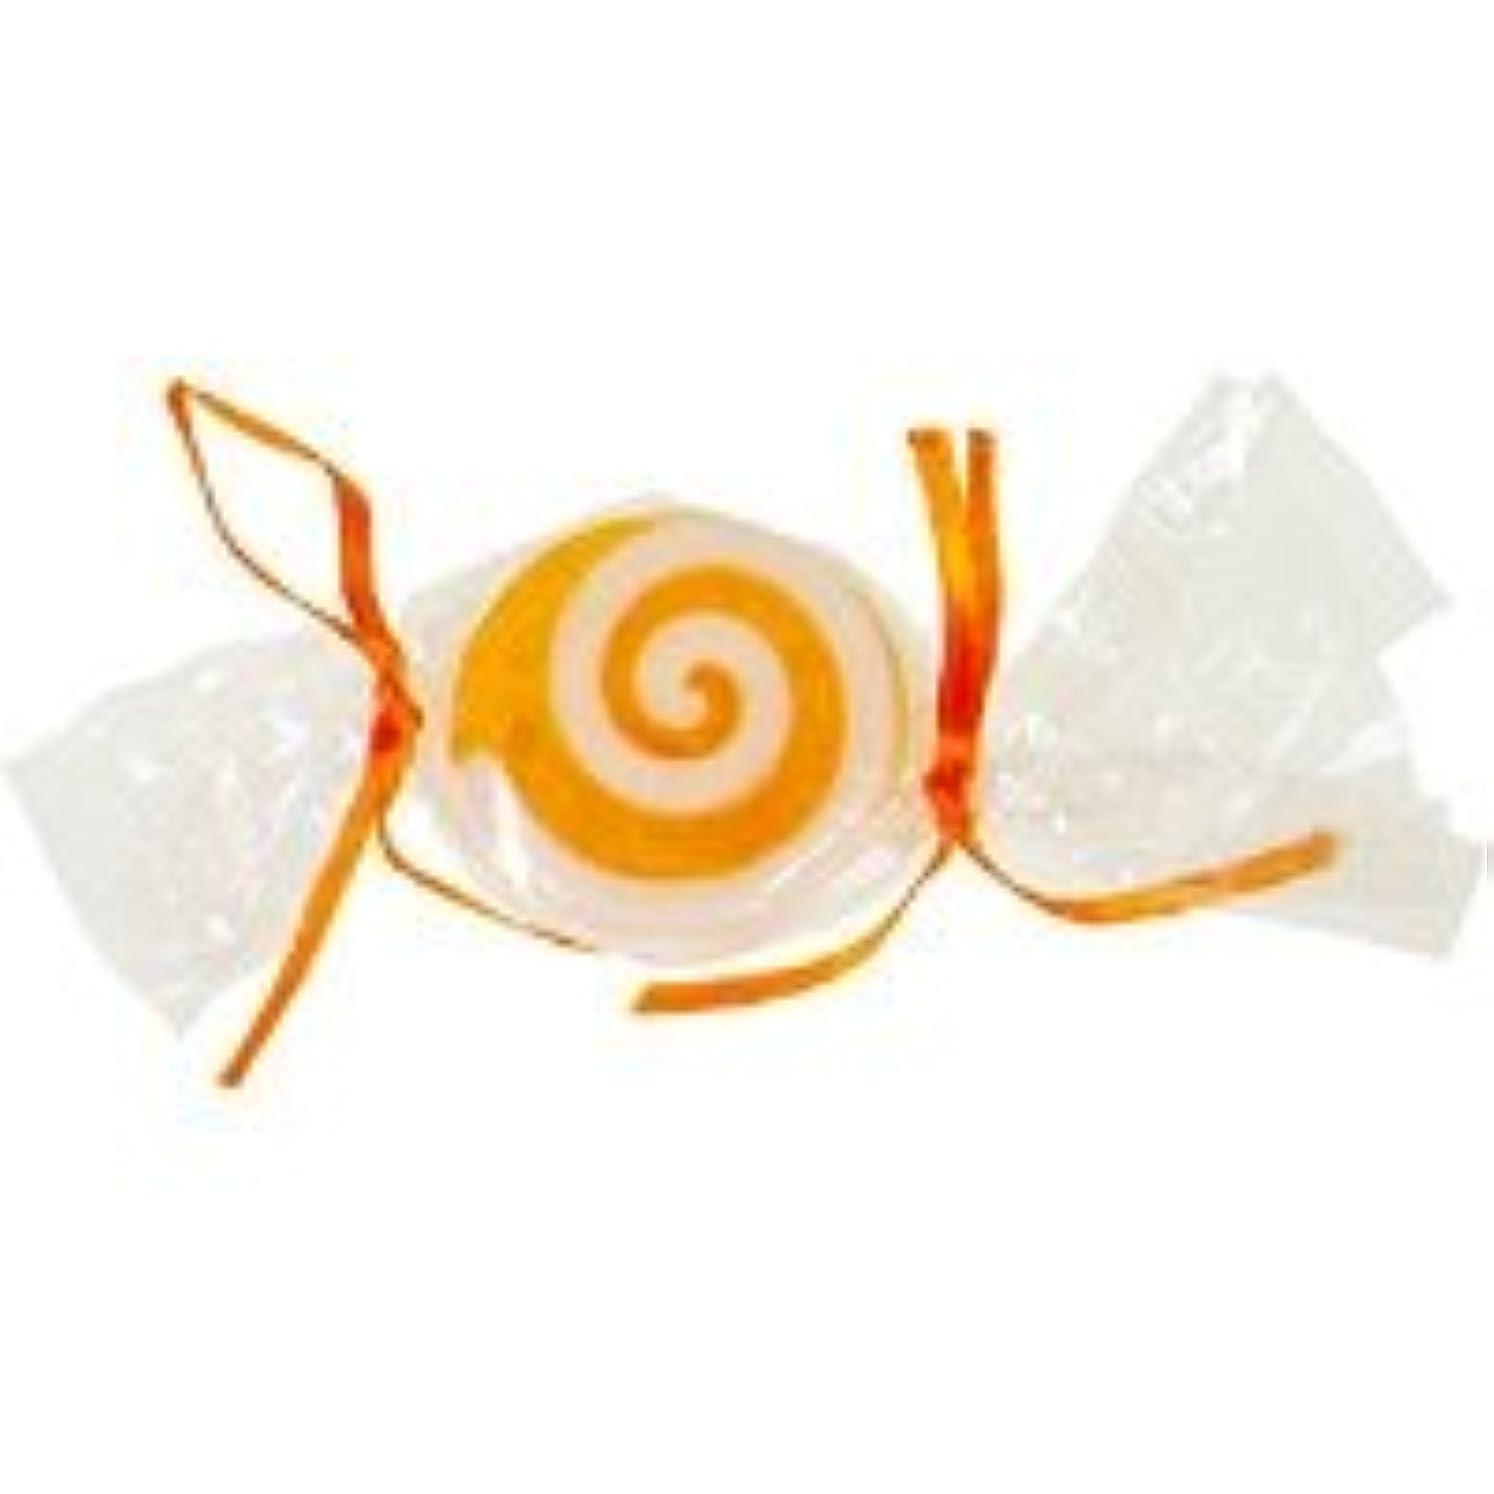 検査ピストルアジアベジタブルソープ キャンディ「オレンジ」20個セット オレンジの香り